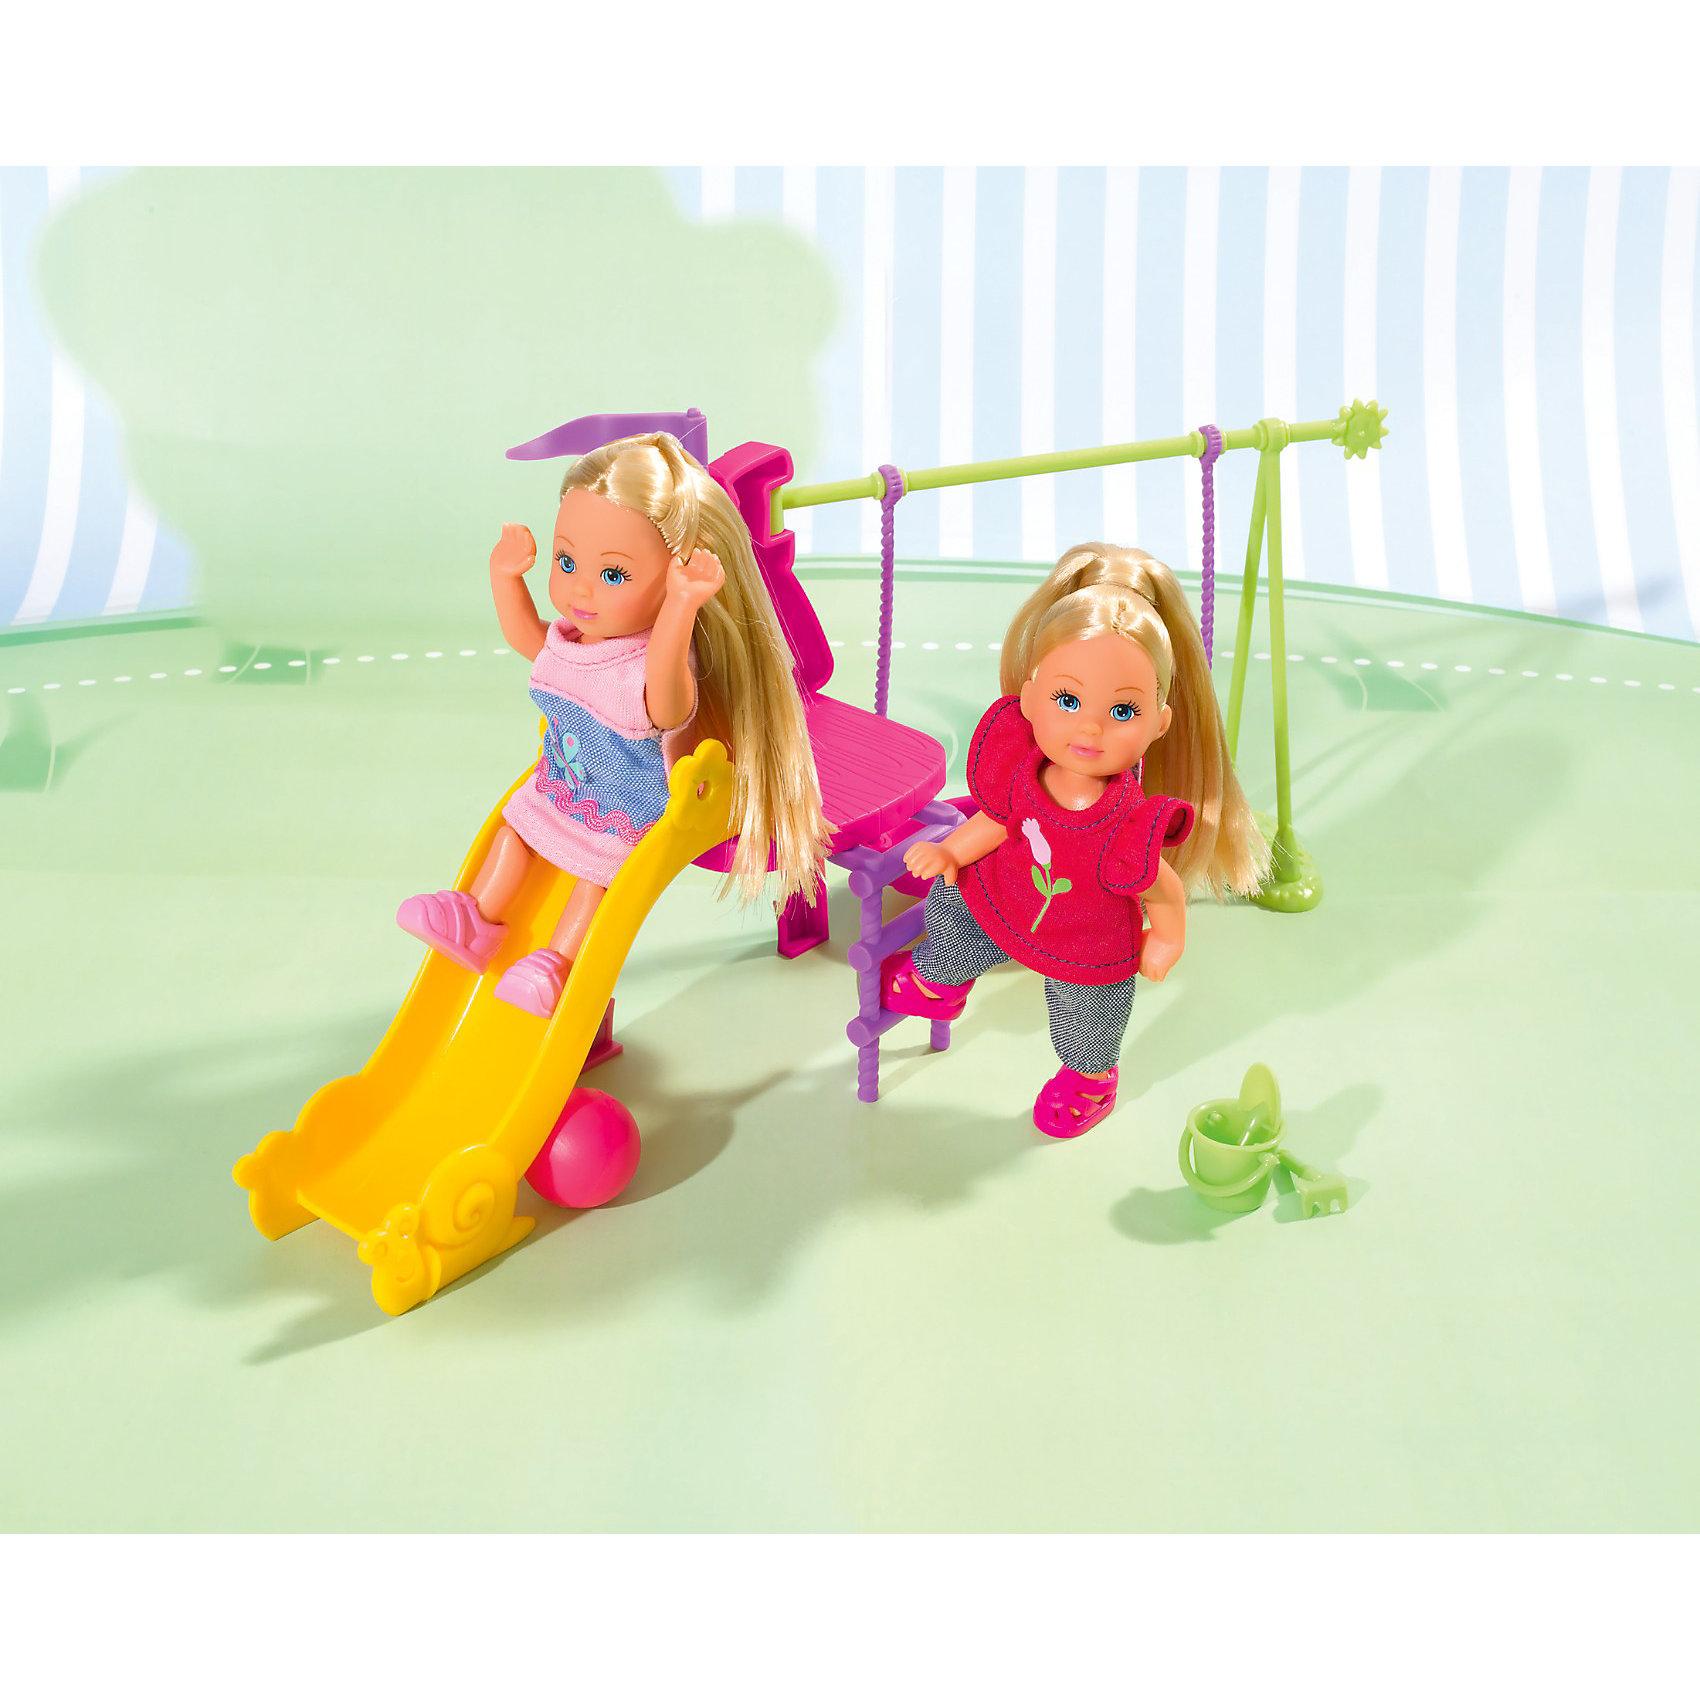 Набор Две Еви на детской игровой площадке, Steffi LoveБренды кукол<br>Ваша дочка непременно придет в восторг, получив в подарок Набор Две Еви на детской игровой площадке, Steffi Love (Штеффи Лав).<br><br>Еви как всегда стильно одеты. Одна Еви одета в светло-розовое с синим платье и светло-розовые кроссовки, а на второй - темно-розовая маечка с цветочком, серые штанишки и темно-розовые сандалии. Одежду и обувь при желании можно снять. Шикарные длинные волосы кукол можно расчесывать. <br><br>Характеристики:<br>-Подвижные ручки и ножки<br>-Компактный набор<br>-Развитие творческих способностей, фантазии, воображения, внимательности, мелкой моторики и координации<br><br>Комплектация: 2 куклы, горка, качели, мячик, совочек, ведерко, грабельки<br><br>Дополнительная информация:<br><br>- Размер: 9х32х16,5 см<br>- Размер куклы: 12 см<br>- Материалы: пластмасса<br><br>Играя с куклами этого набора, ваша девочка придумает множество сюжетно-ролевых игр.<br>И, конечно, забота о кукле воспитает в девочке все самые положительные качества!<br><br>Набор Две Еви на детской игровой площадке, Steffi Love (Штеффи Лав) можно купить в нашем магазине.<br><br>Ширина мм: 327<br>Глубина мм: 167<br>Высота мм: 93<br>Вес г: 310<br>Возраст от месяцев: 36<br>Возраст до месяцев: 60<br>Пол: Женский<br>Возраст: Детский<br>SKU: 3178480